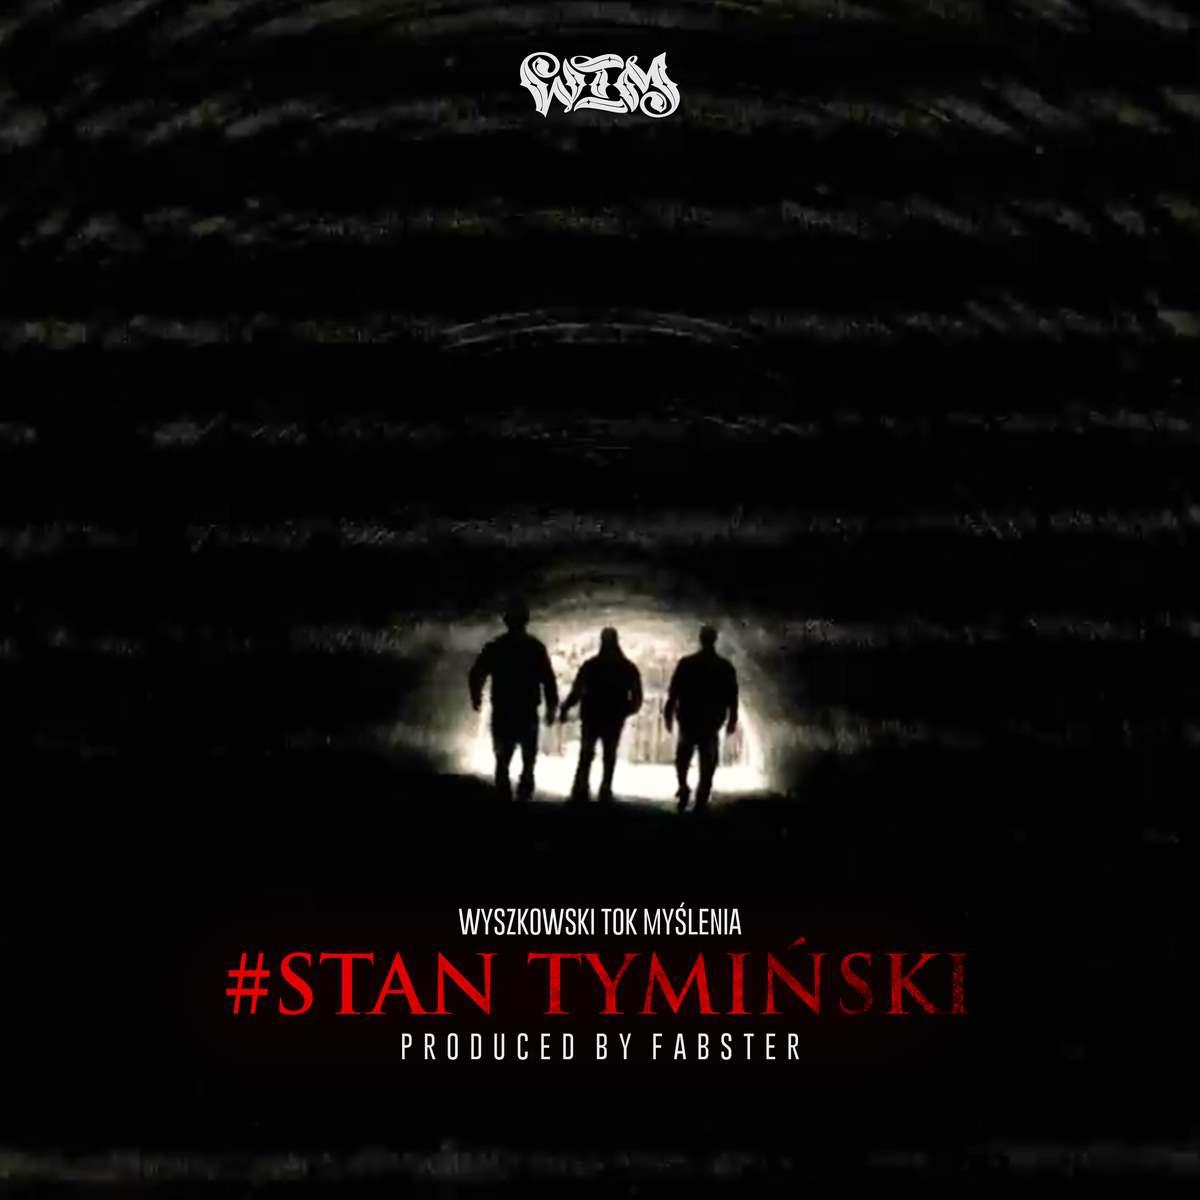 WTM Stan Tymiński